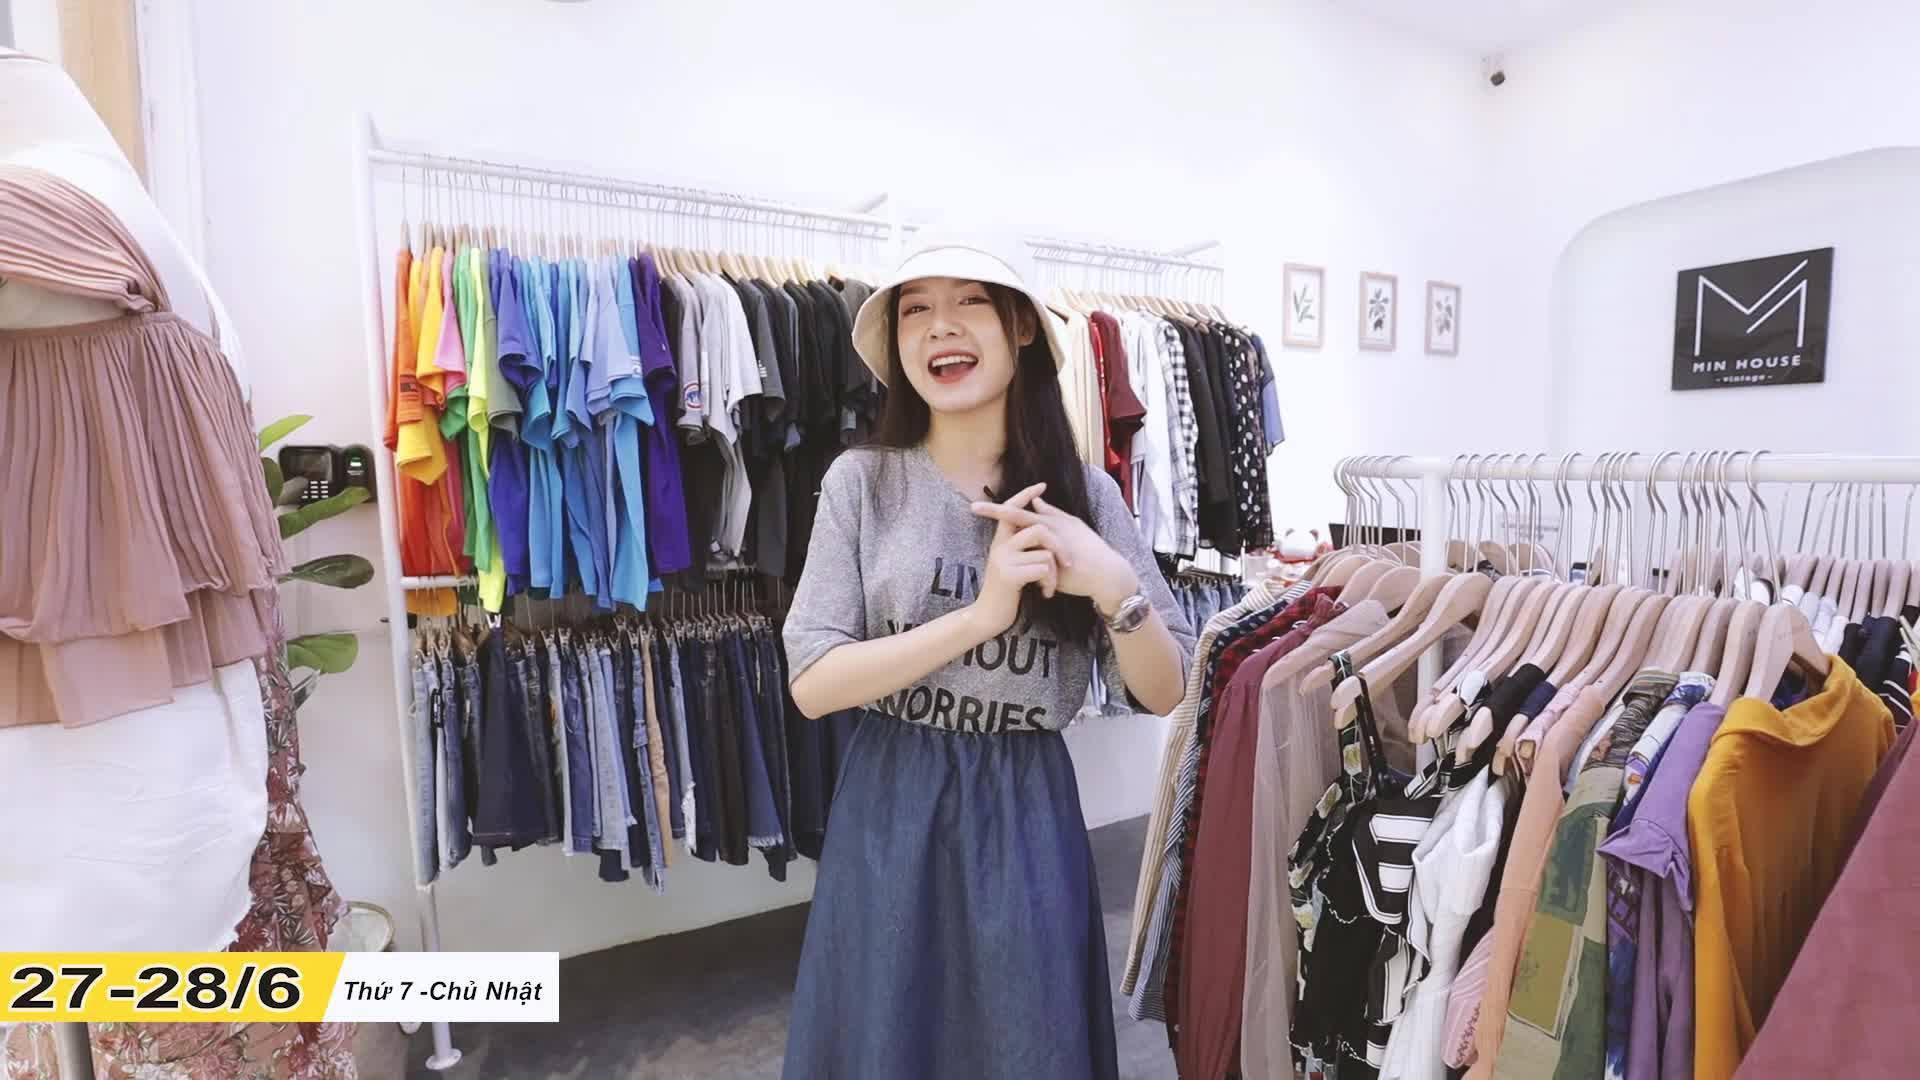 Hướng dẫn bán quần áo hàng thùng bằng phương thức livestream hiệu quả